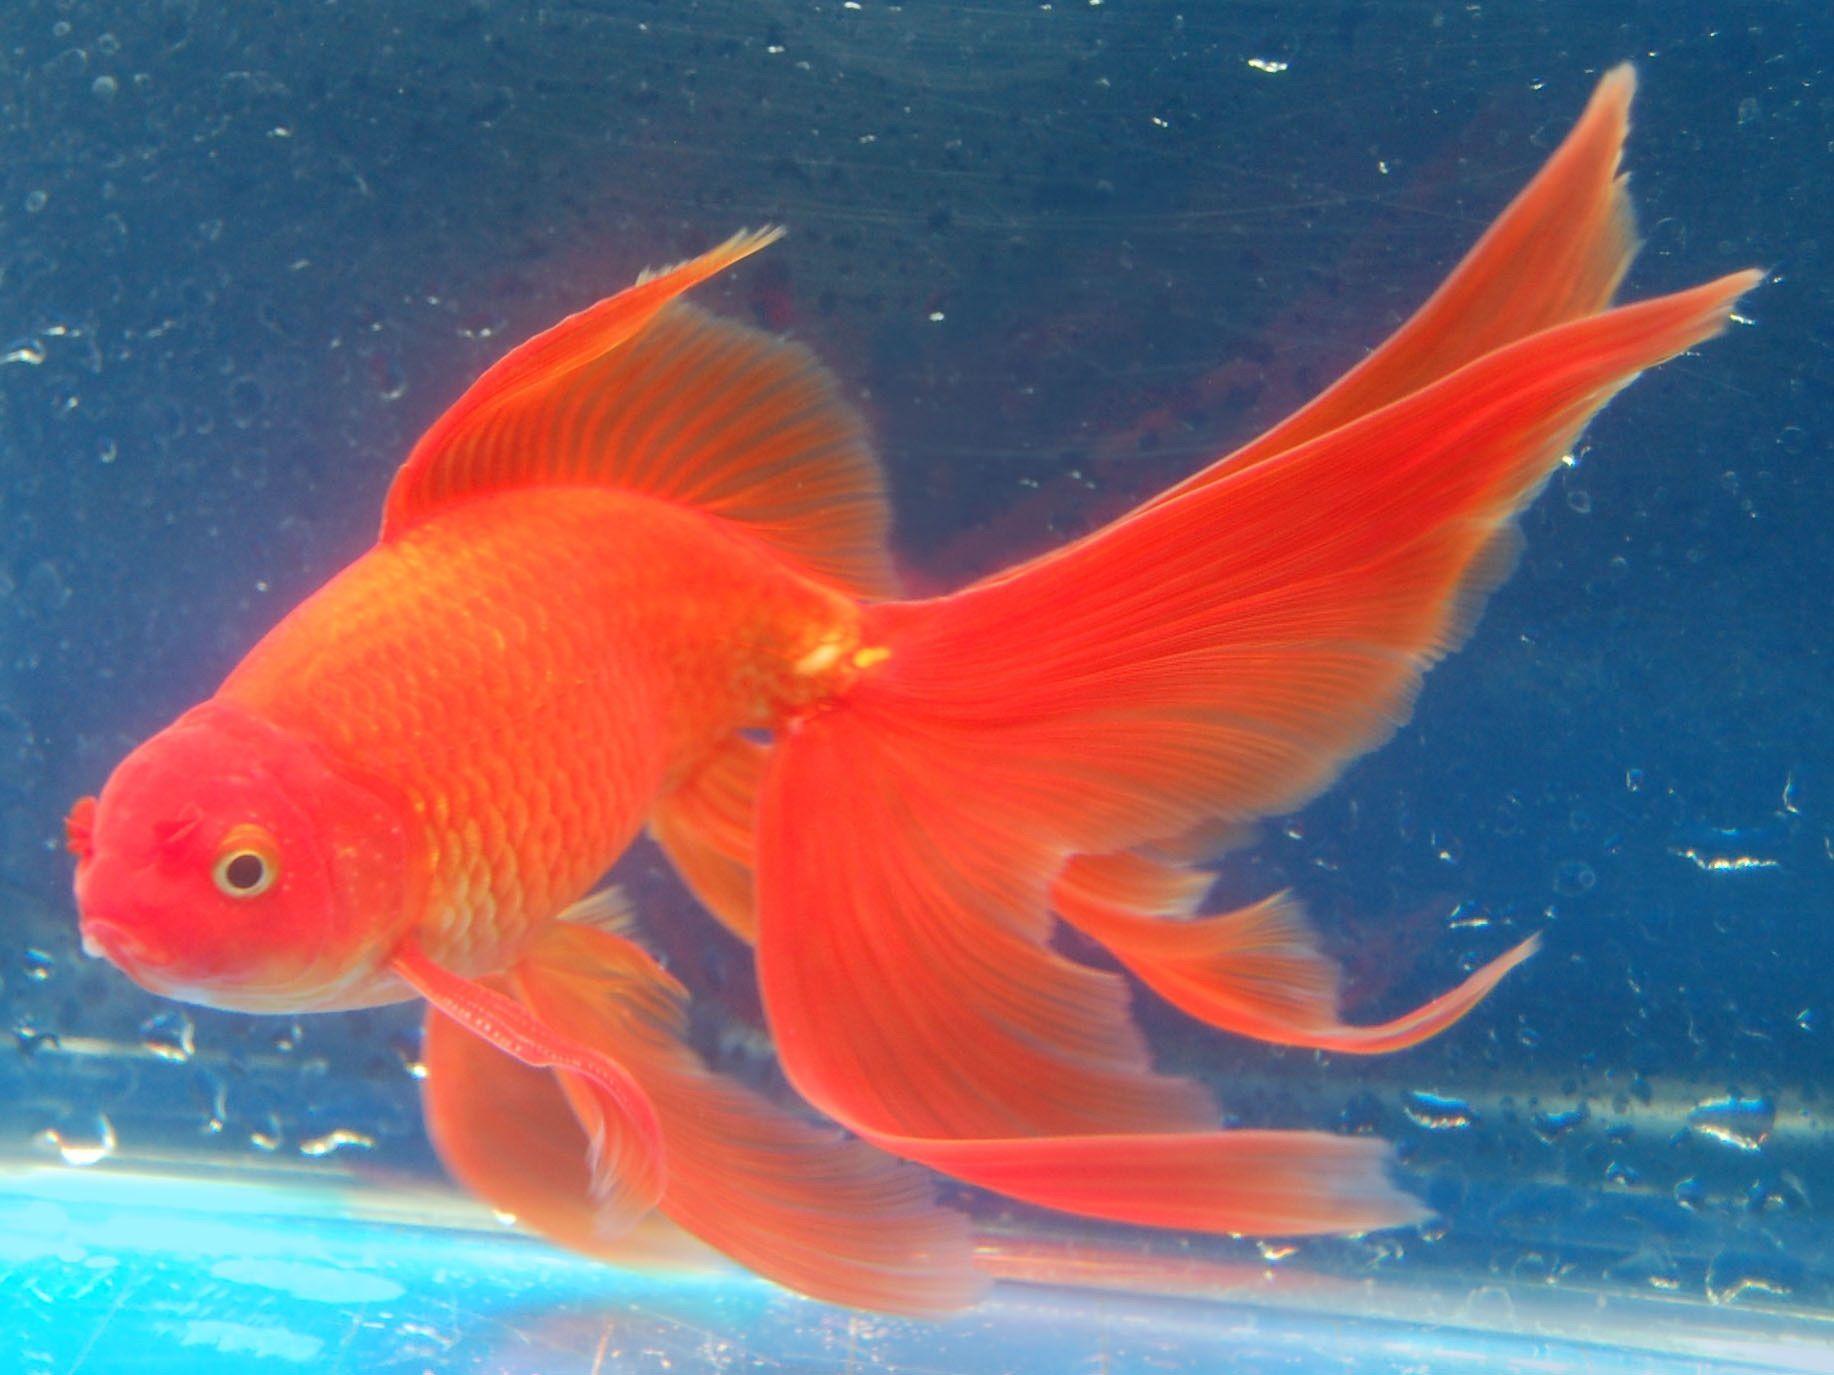 Картинки золотых рыбок рыбок красивые, праздником